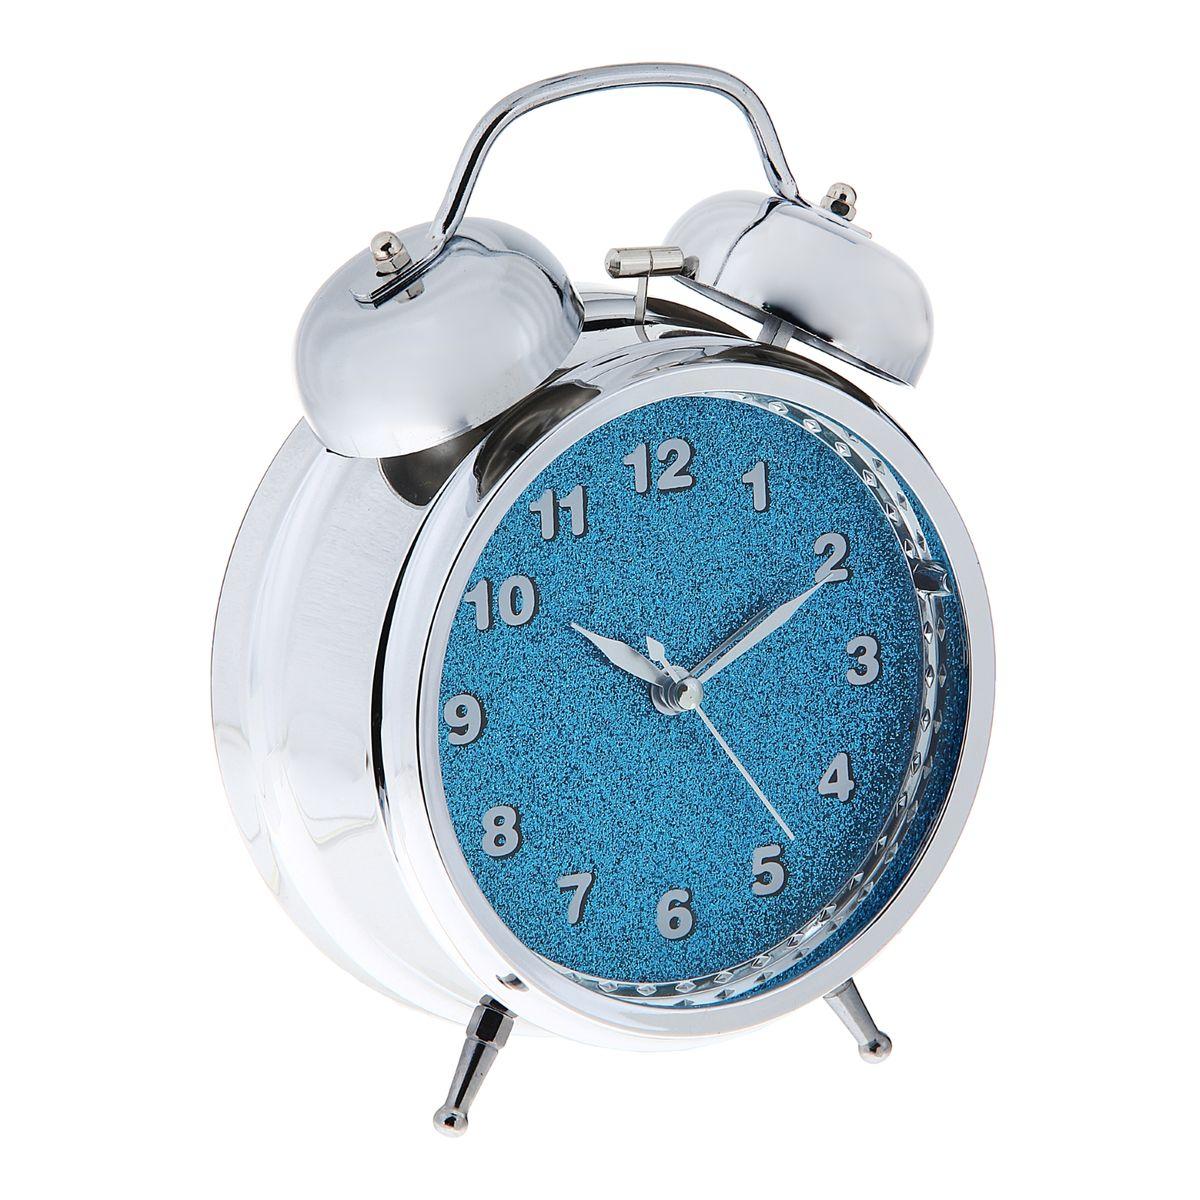 Часы-будильник Sima-land, цвет: серебристый, синий. 1056419MRC 4142 schwarzКак же сложно иногда вставать вовремя! Всегда так хочется поспать еще хотя бы 5 минут и бывает, что мы просыпаем. Теперь этого не случится! Яркий, оригинальный будильник Sima-land поможет вам всегда вставать в нужное время и успевать везде и всюду. Будильник украсит вашу комнату и приведет в восхищение друзей.На задней панели будильника расположены переключатель включения/выключения механизма, а также два колесика для настройки текущего времени и времени звонка будильника. Также будильник оснащен кнопкой, при нажатии и удержании которой подсвечивается циферблат.Будильник работает от 3 батареек типа АА (не входят в комплект).